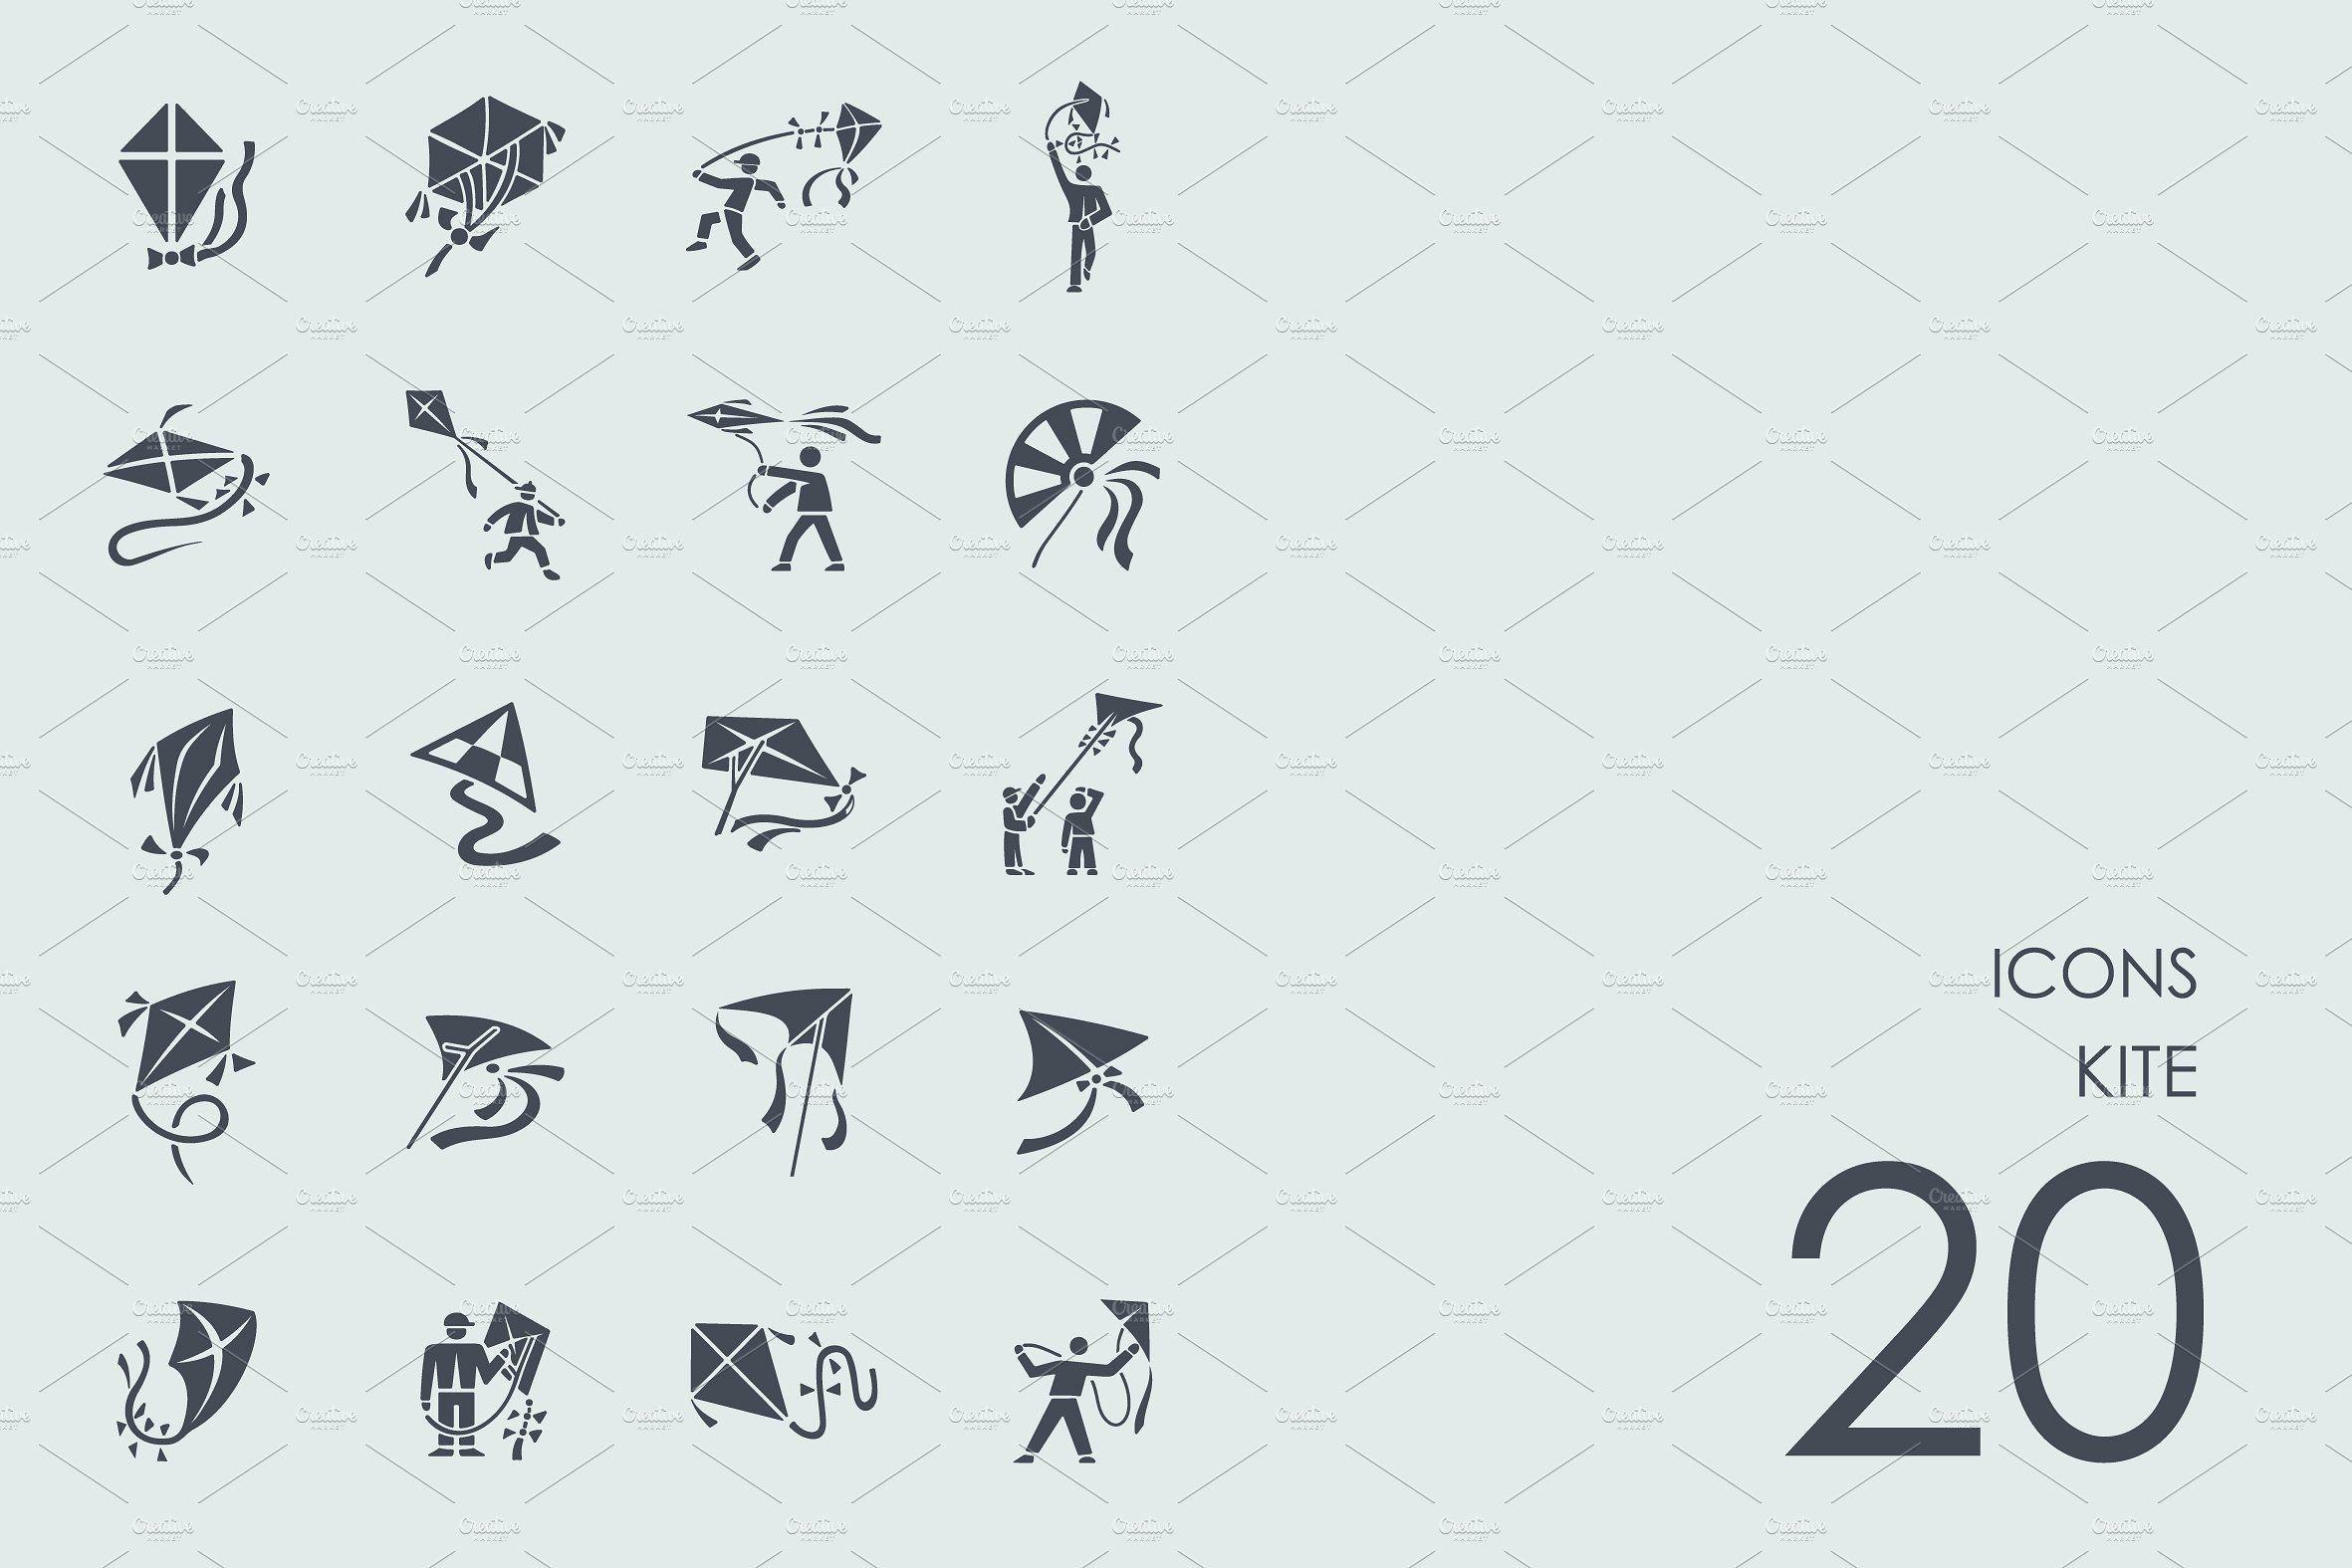 Kite icons Simple icon, Web font, Kite